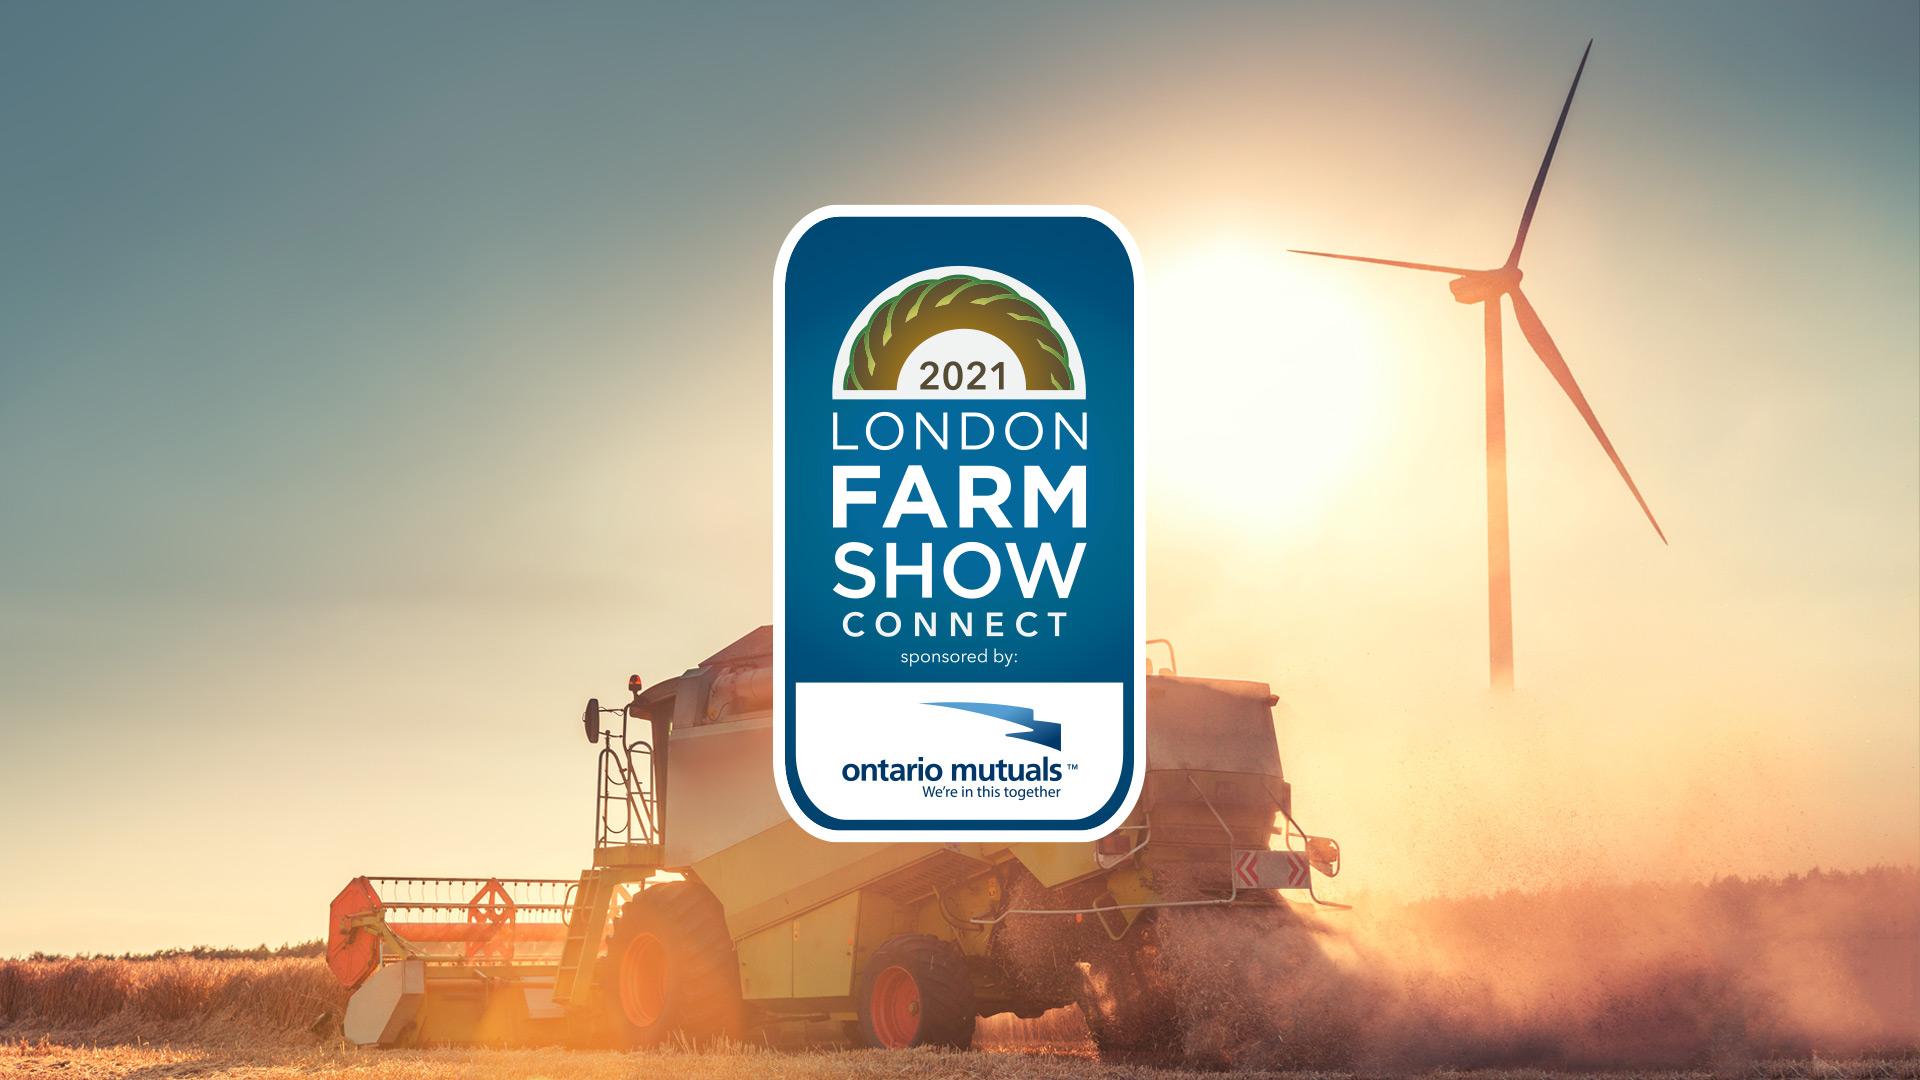 London Farm Show Connect